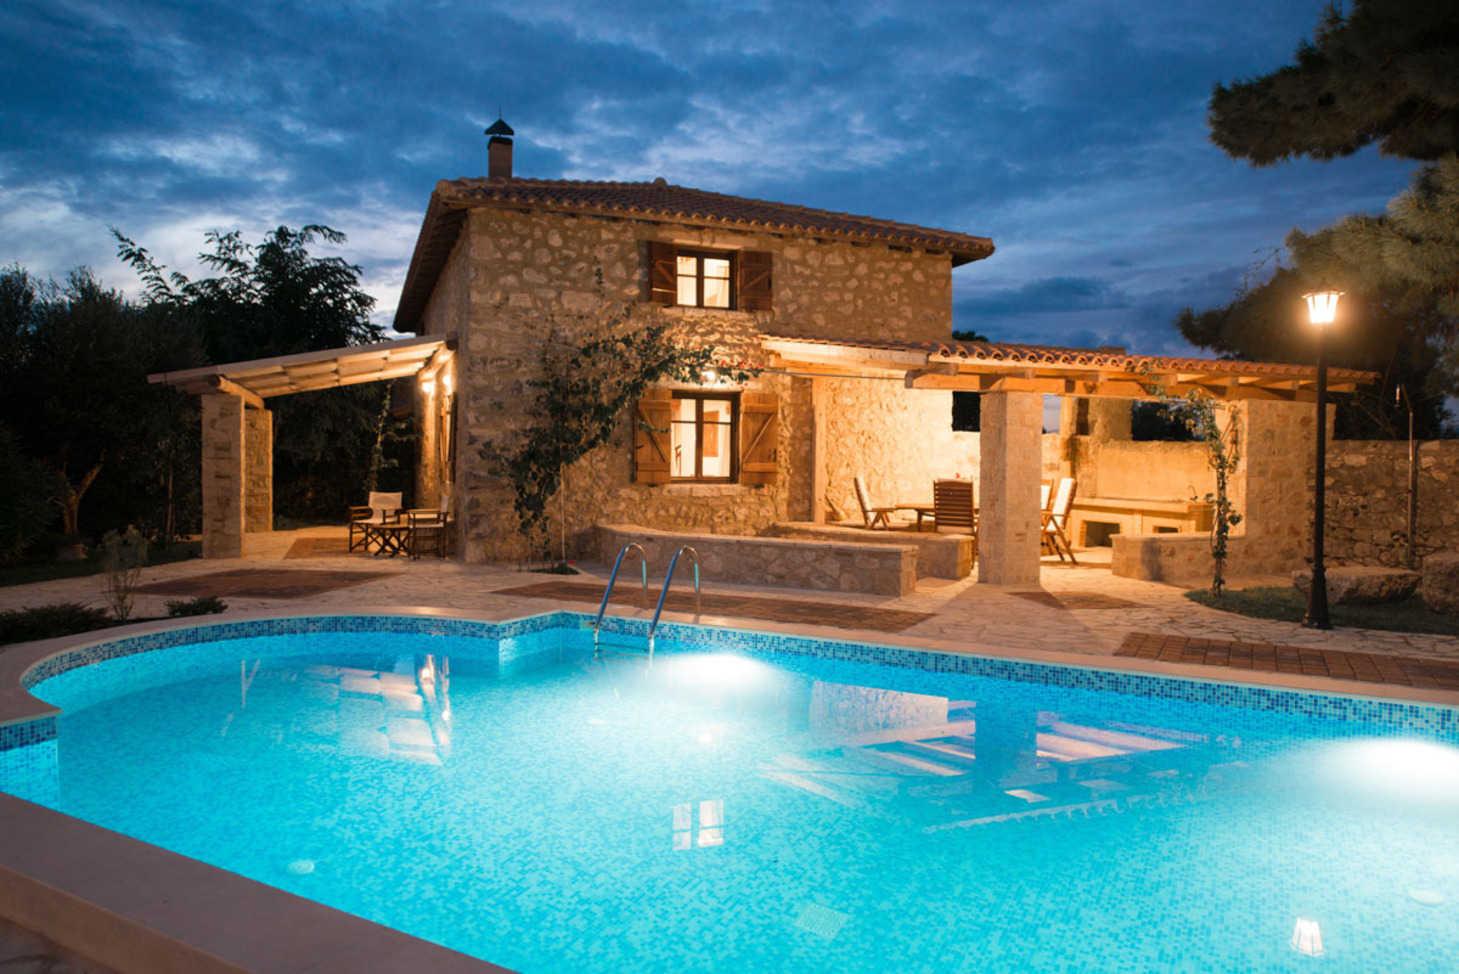 Villa di lusso con piscina privata e vista sul mare for Foto case con giardino